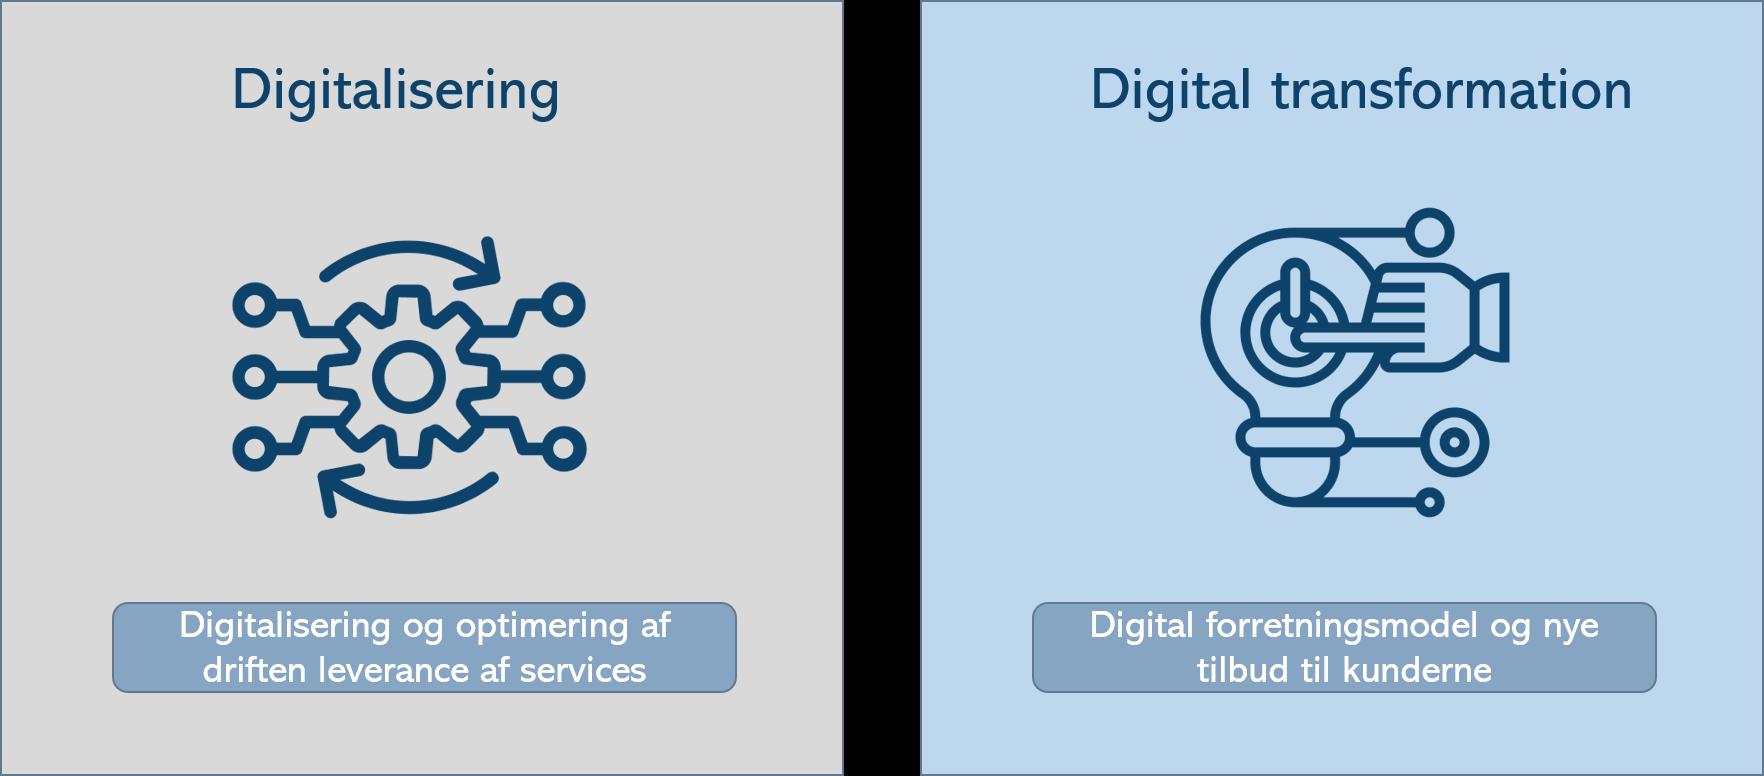 Digitalisering er ikke bare digitalisering